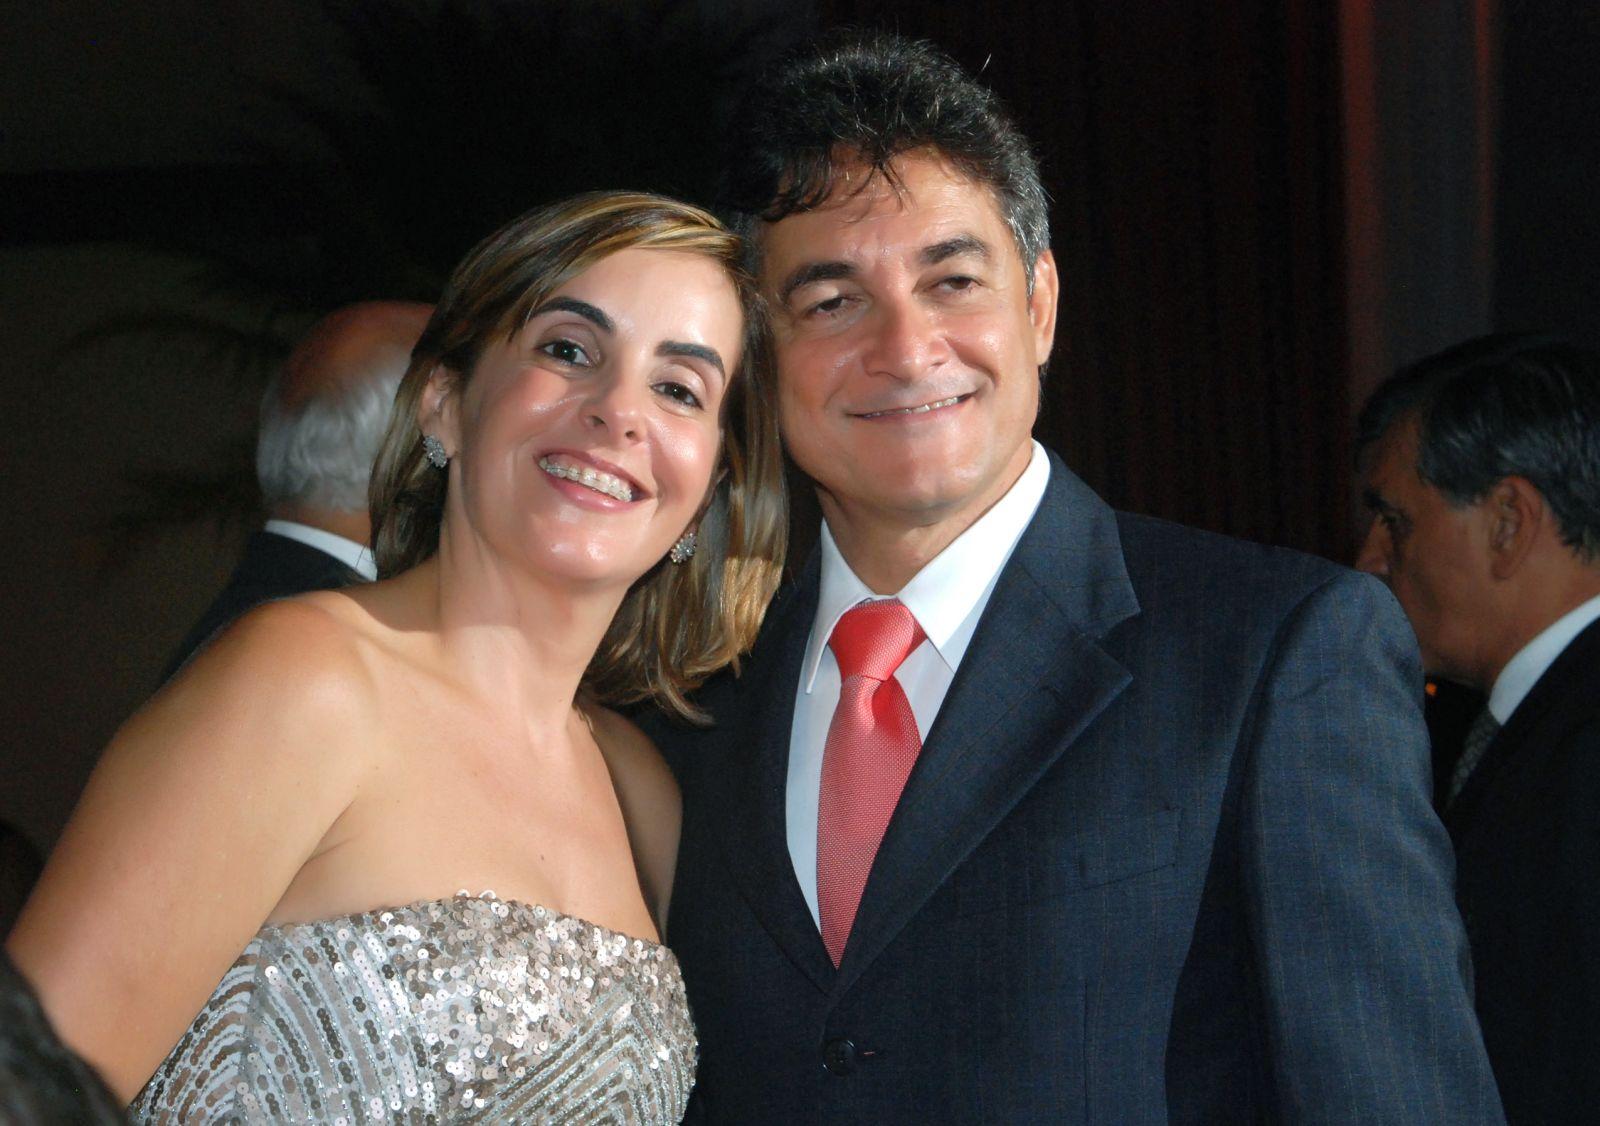 Dra. Clarissa Mathias(Oncologista) e seu esposo Cezar Machado o casal destaque do dia dos namorados